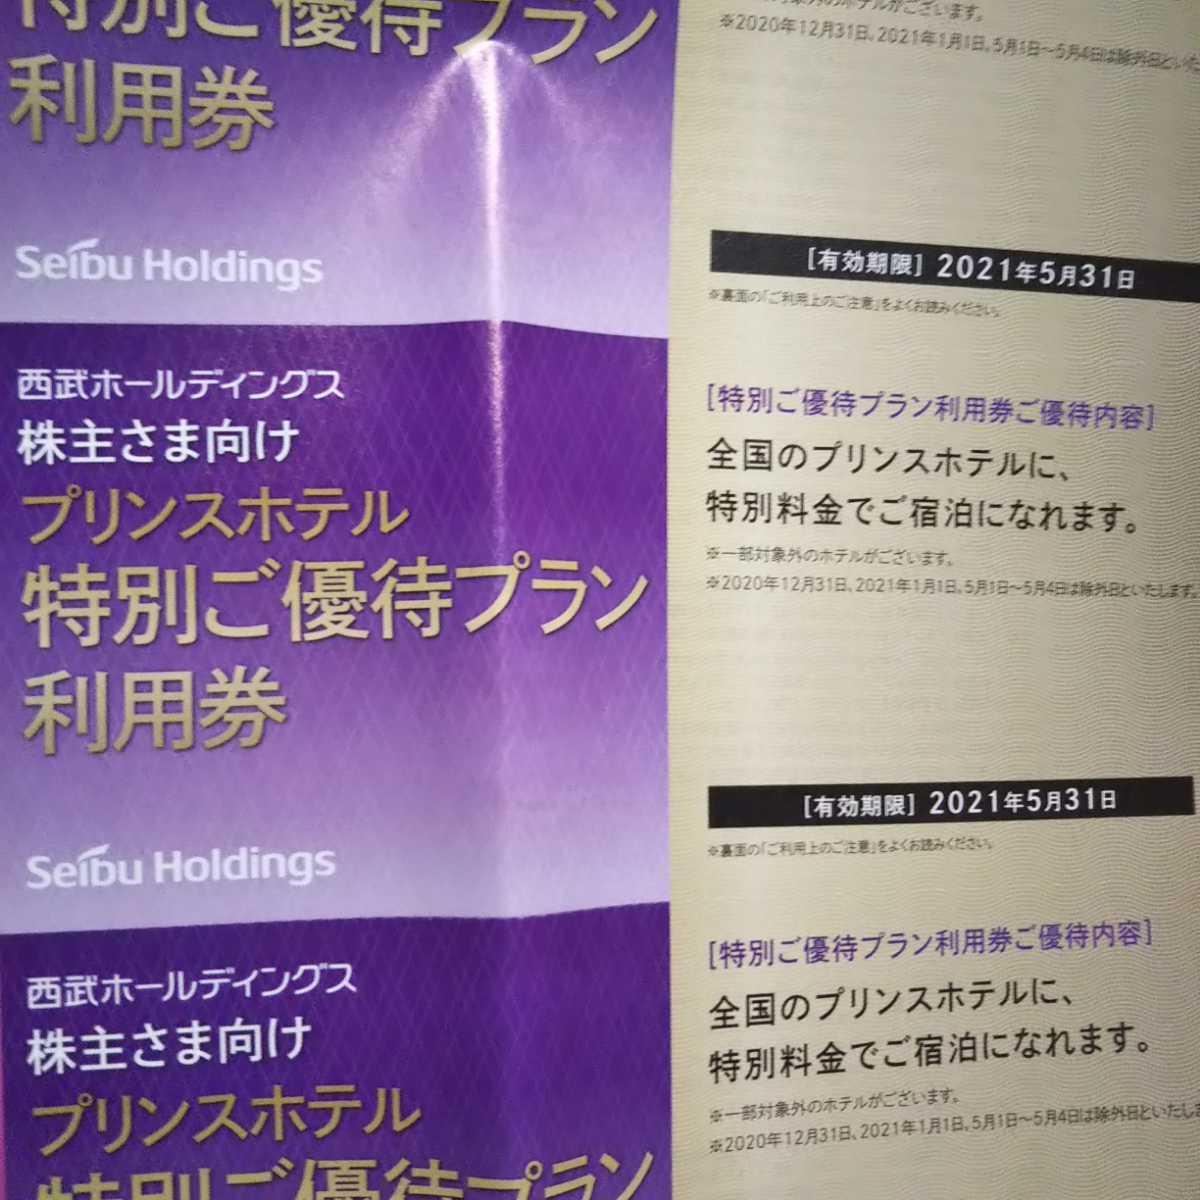 プリンスホテル 特別ご優待プラン利用券 【1枚】 西武HD 株主優待券 _画像1